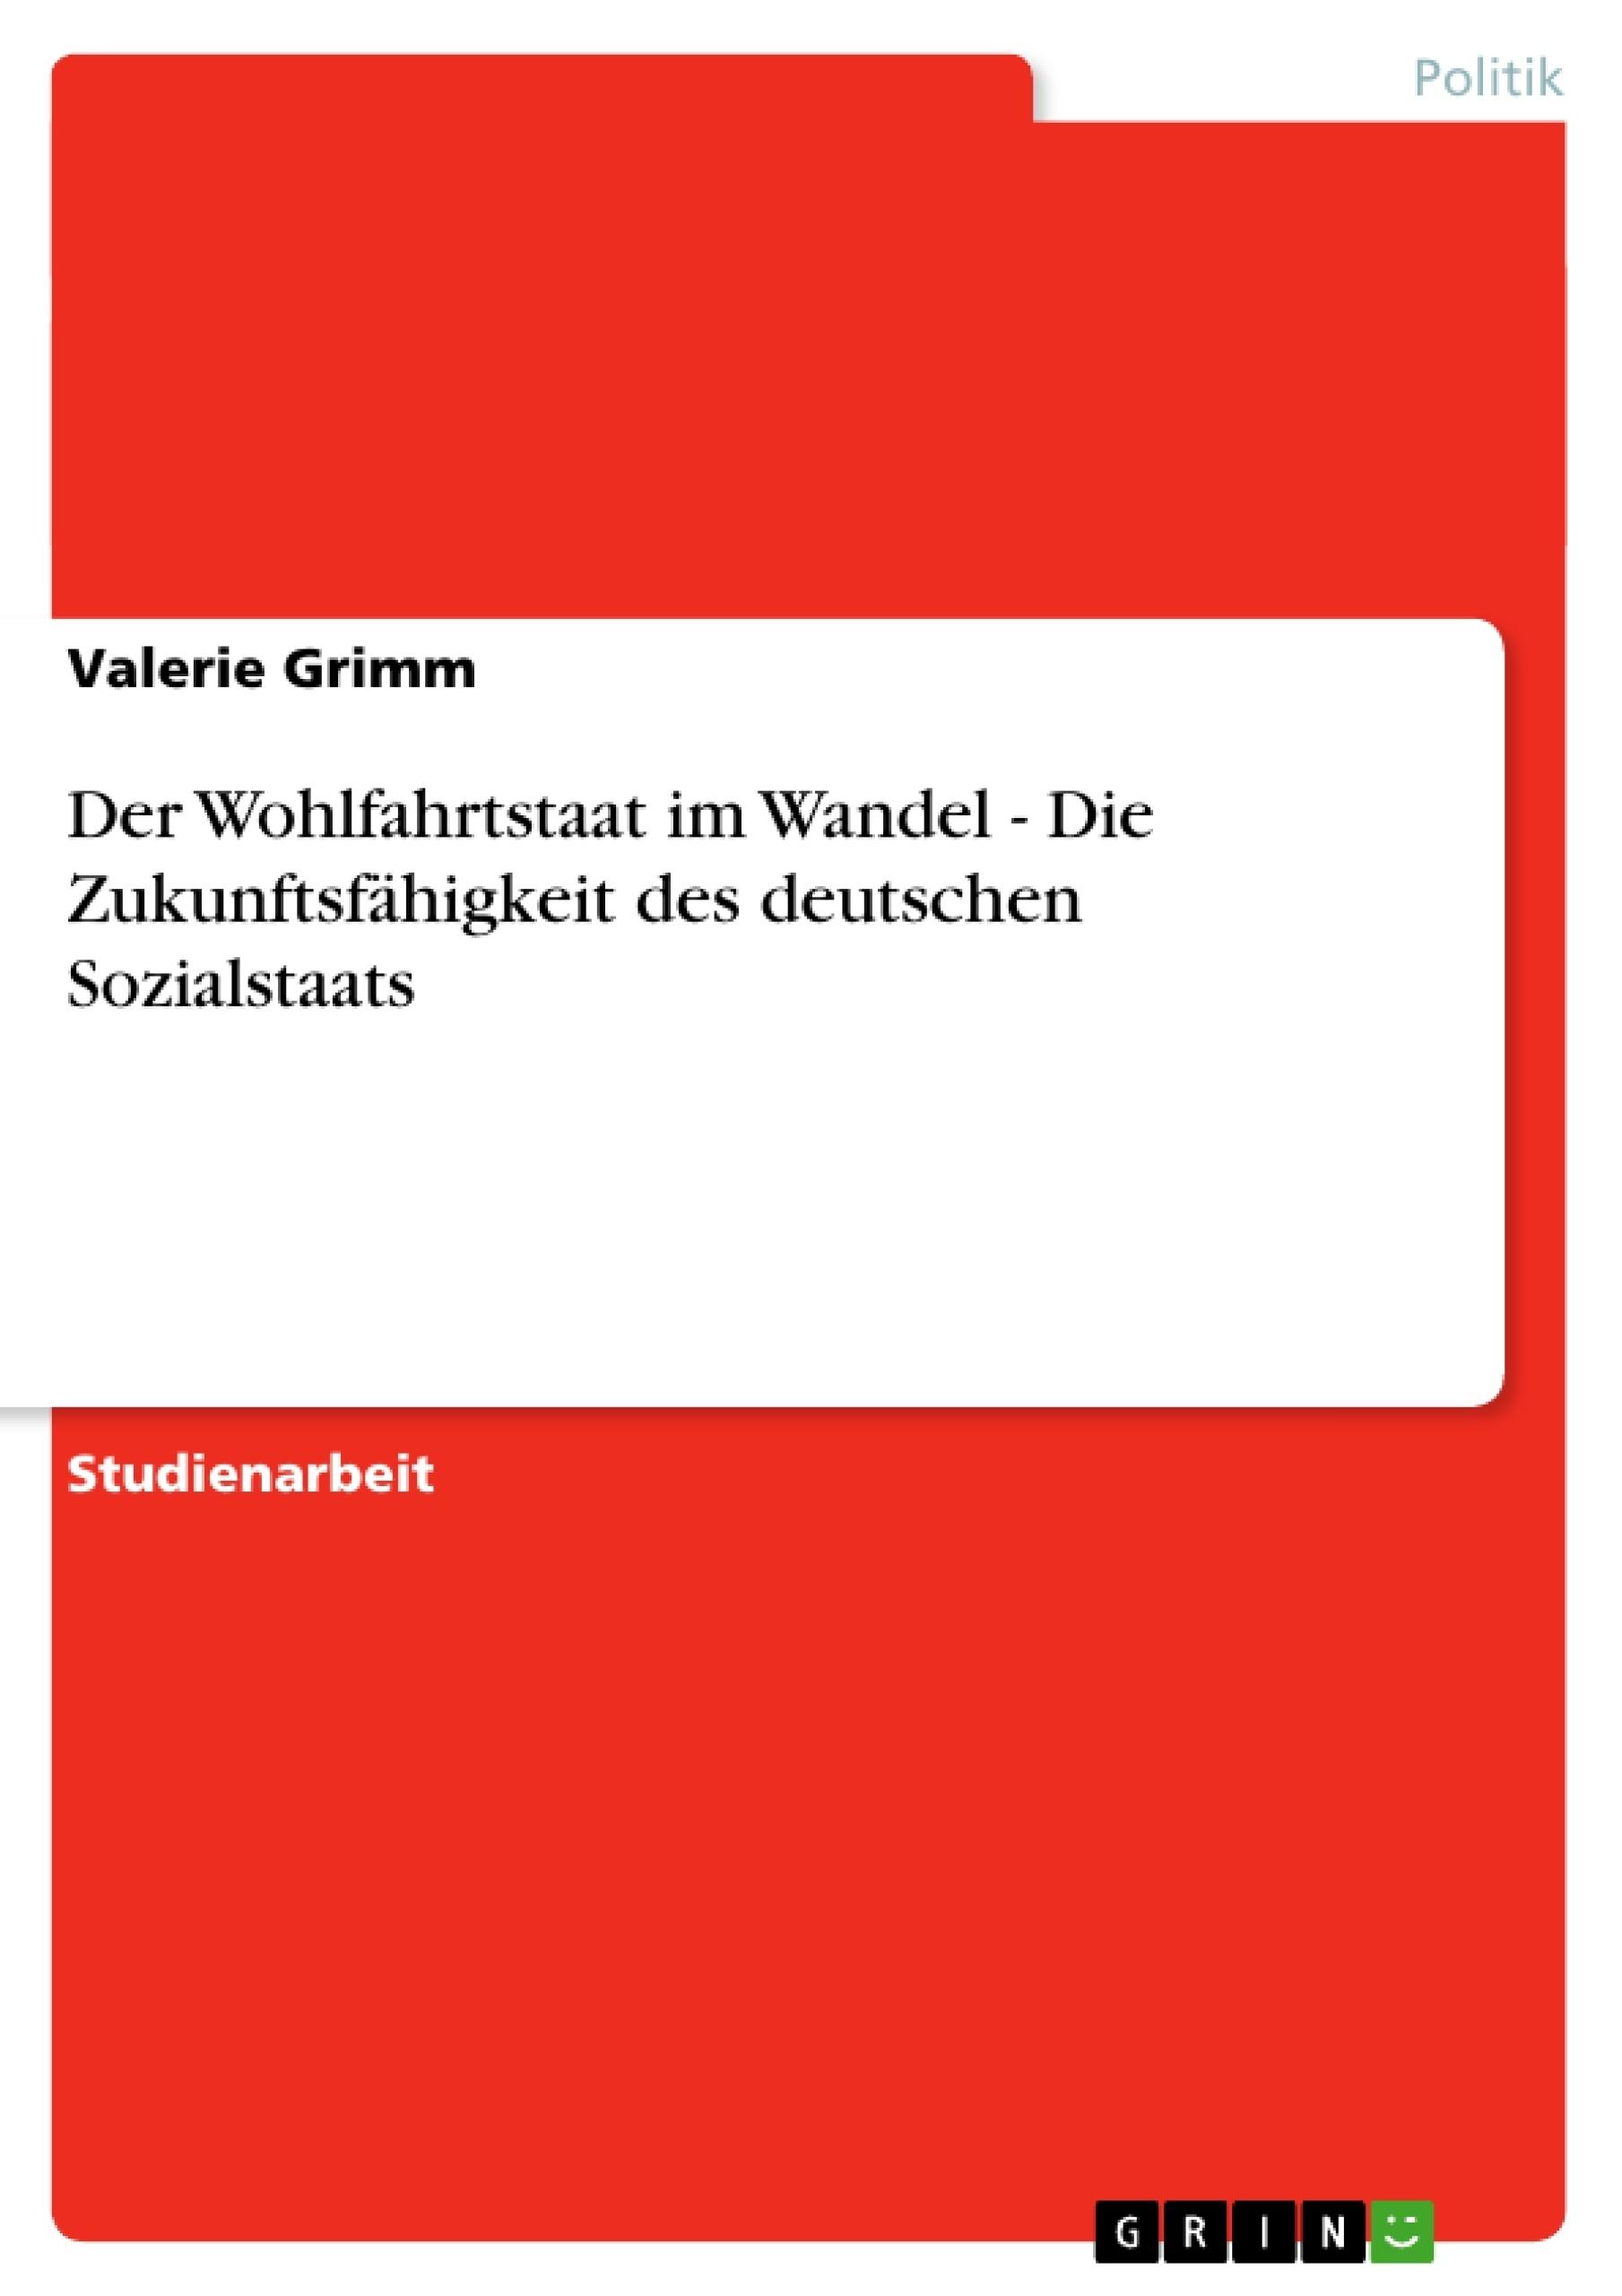 Titel: Der Wohlfahrtstaat im Wandel - Die Zukunftsfähigkeit des deutschen Sozialstaats